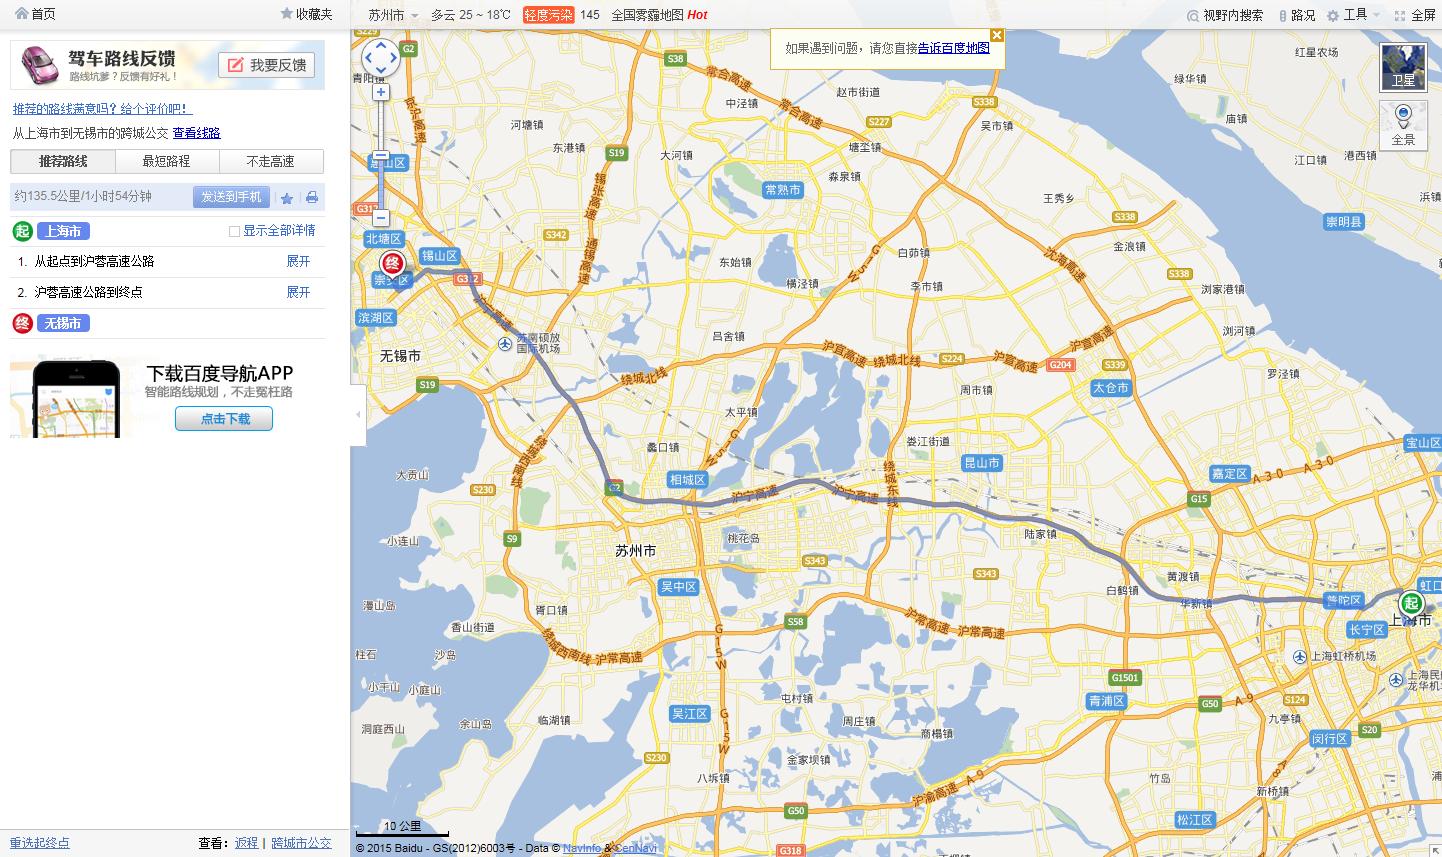 百度地图上海青浦到山东临沂苍山路线图